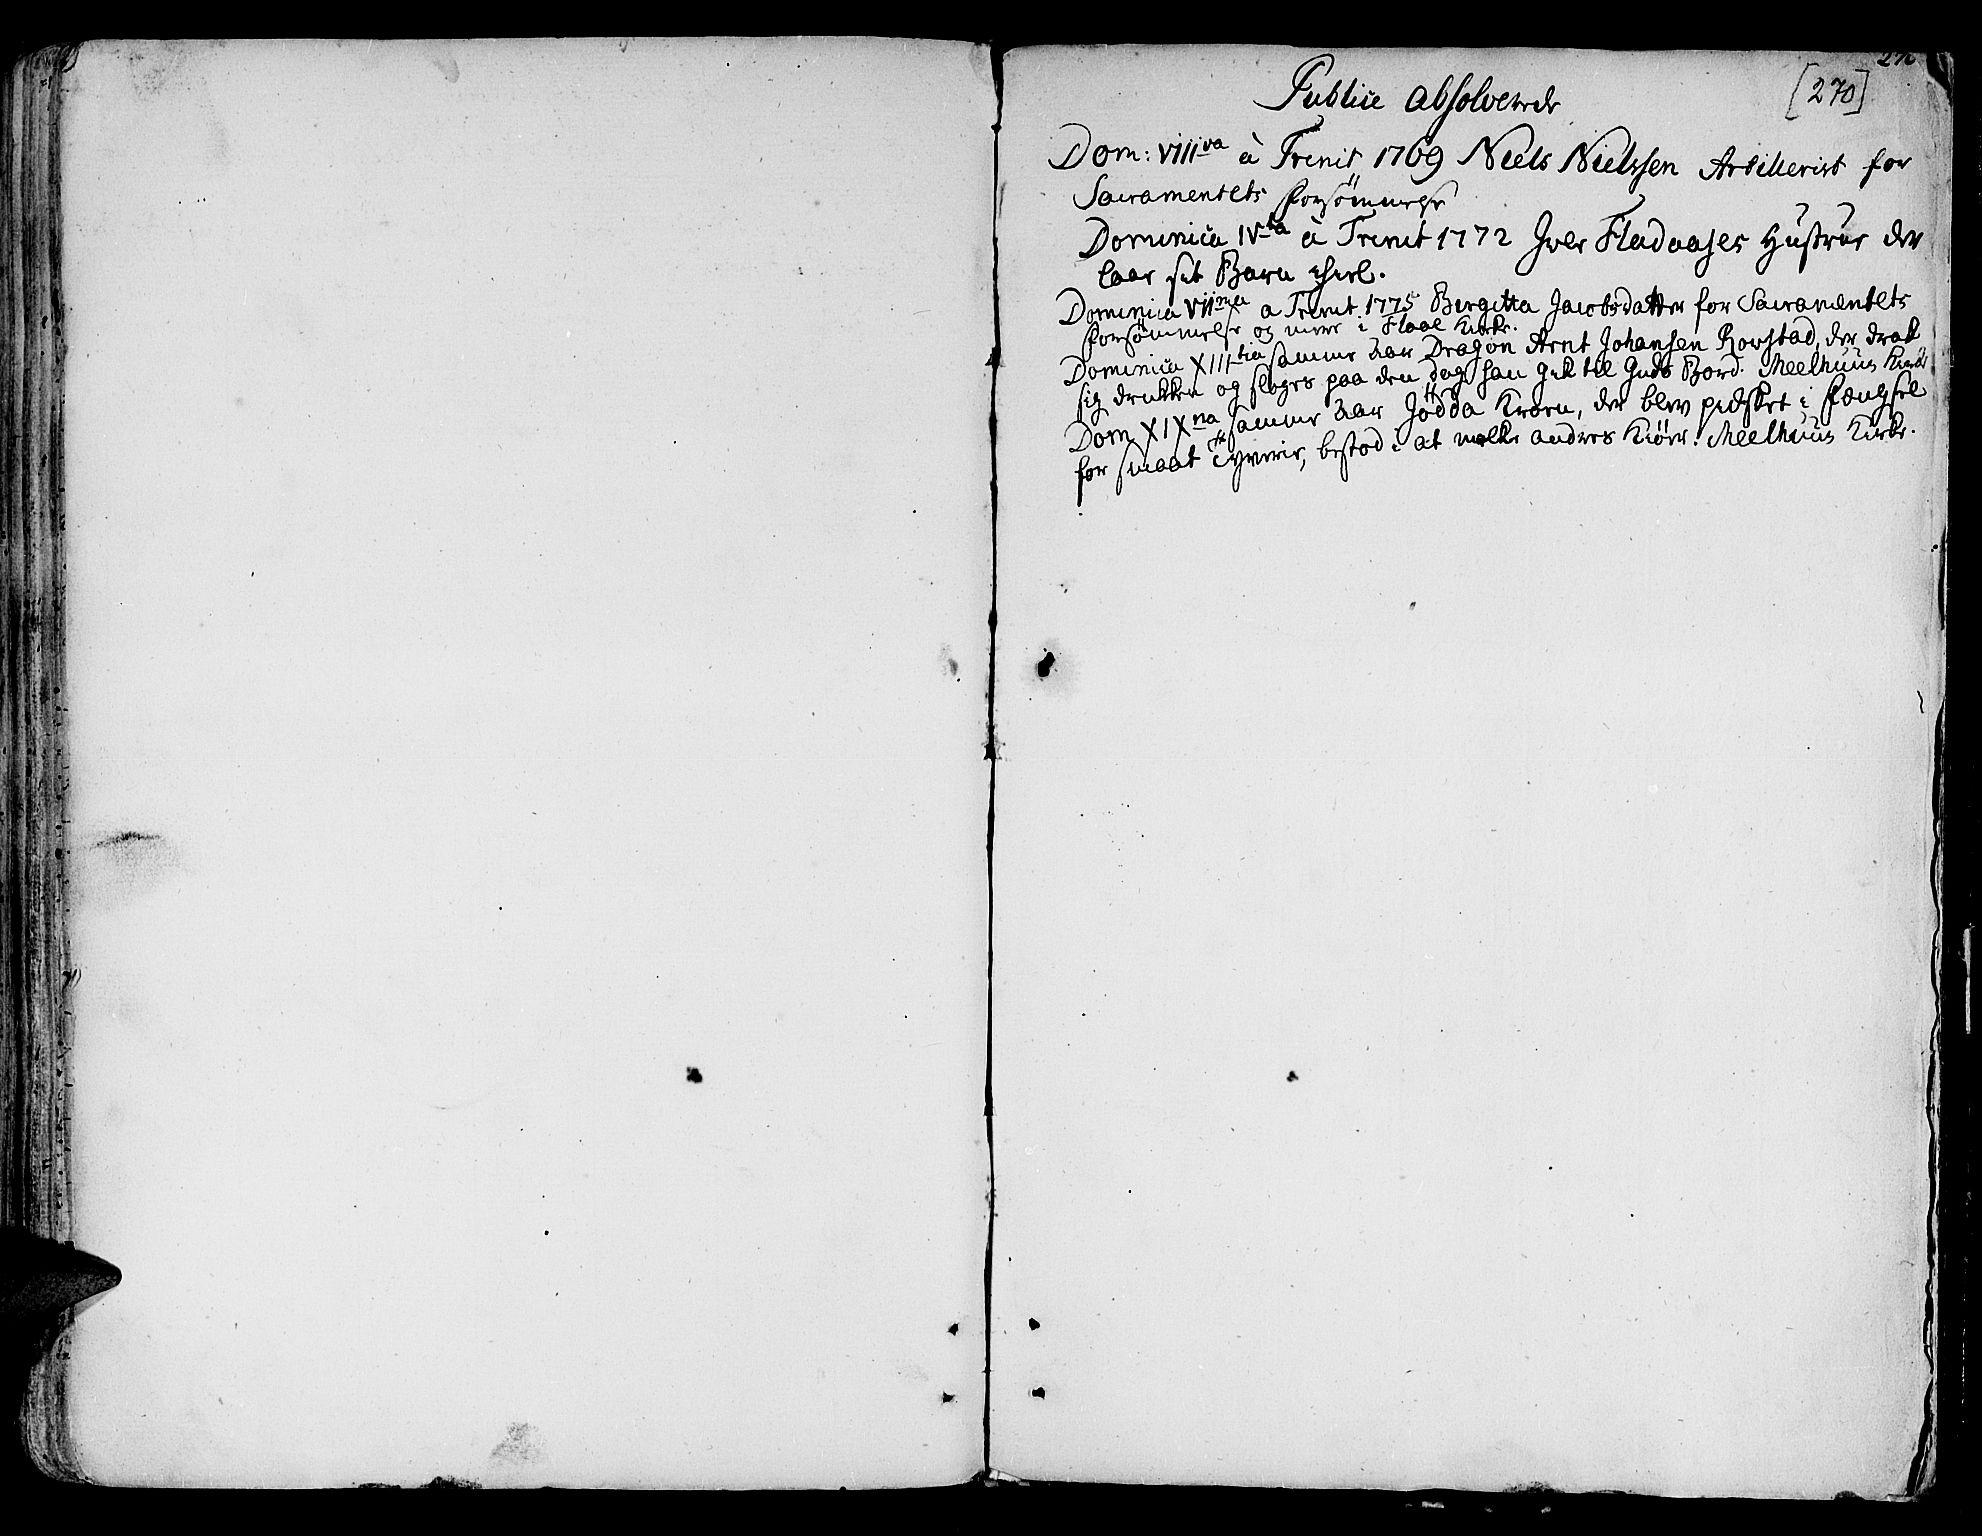 SAT, Ministerialprotokoller, klokkerbøker og fødselsregistre - Sør-Trøndelag, 691/L1061: Ministerialbok nr. 691A02 /1, 1768-1815, s. 270